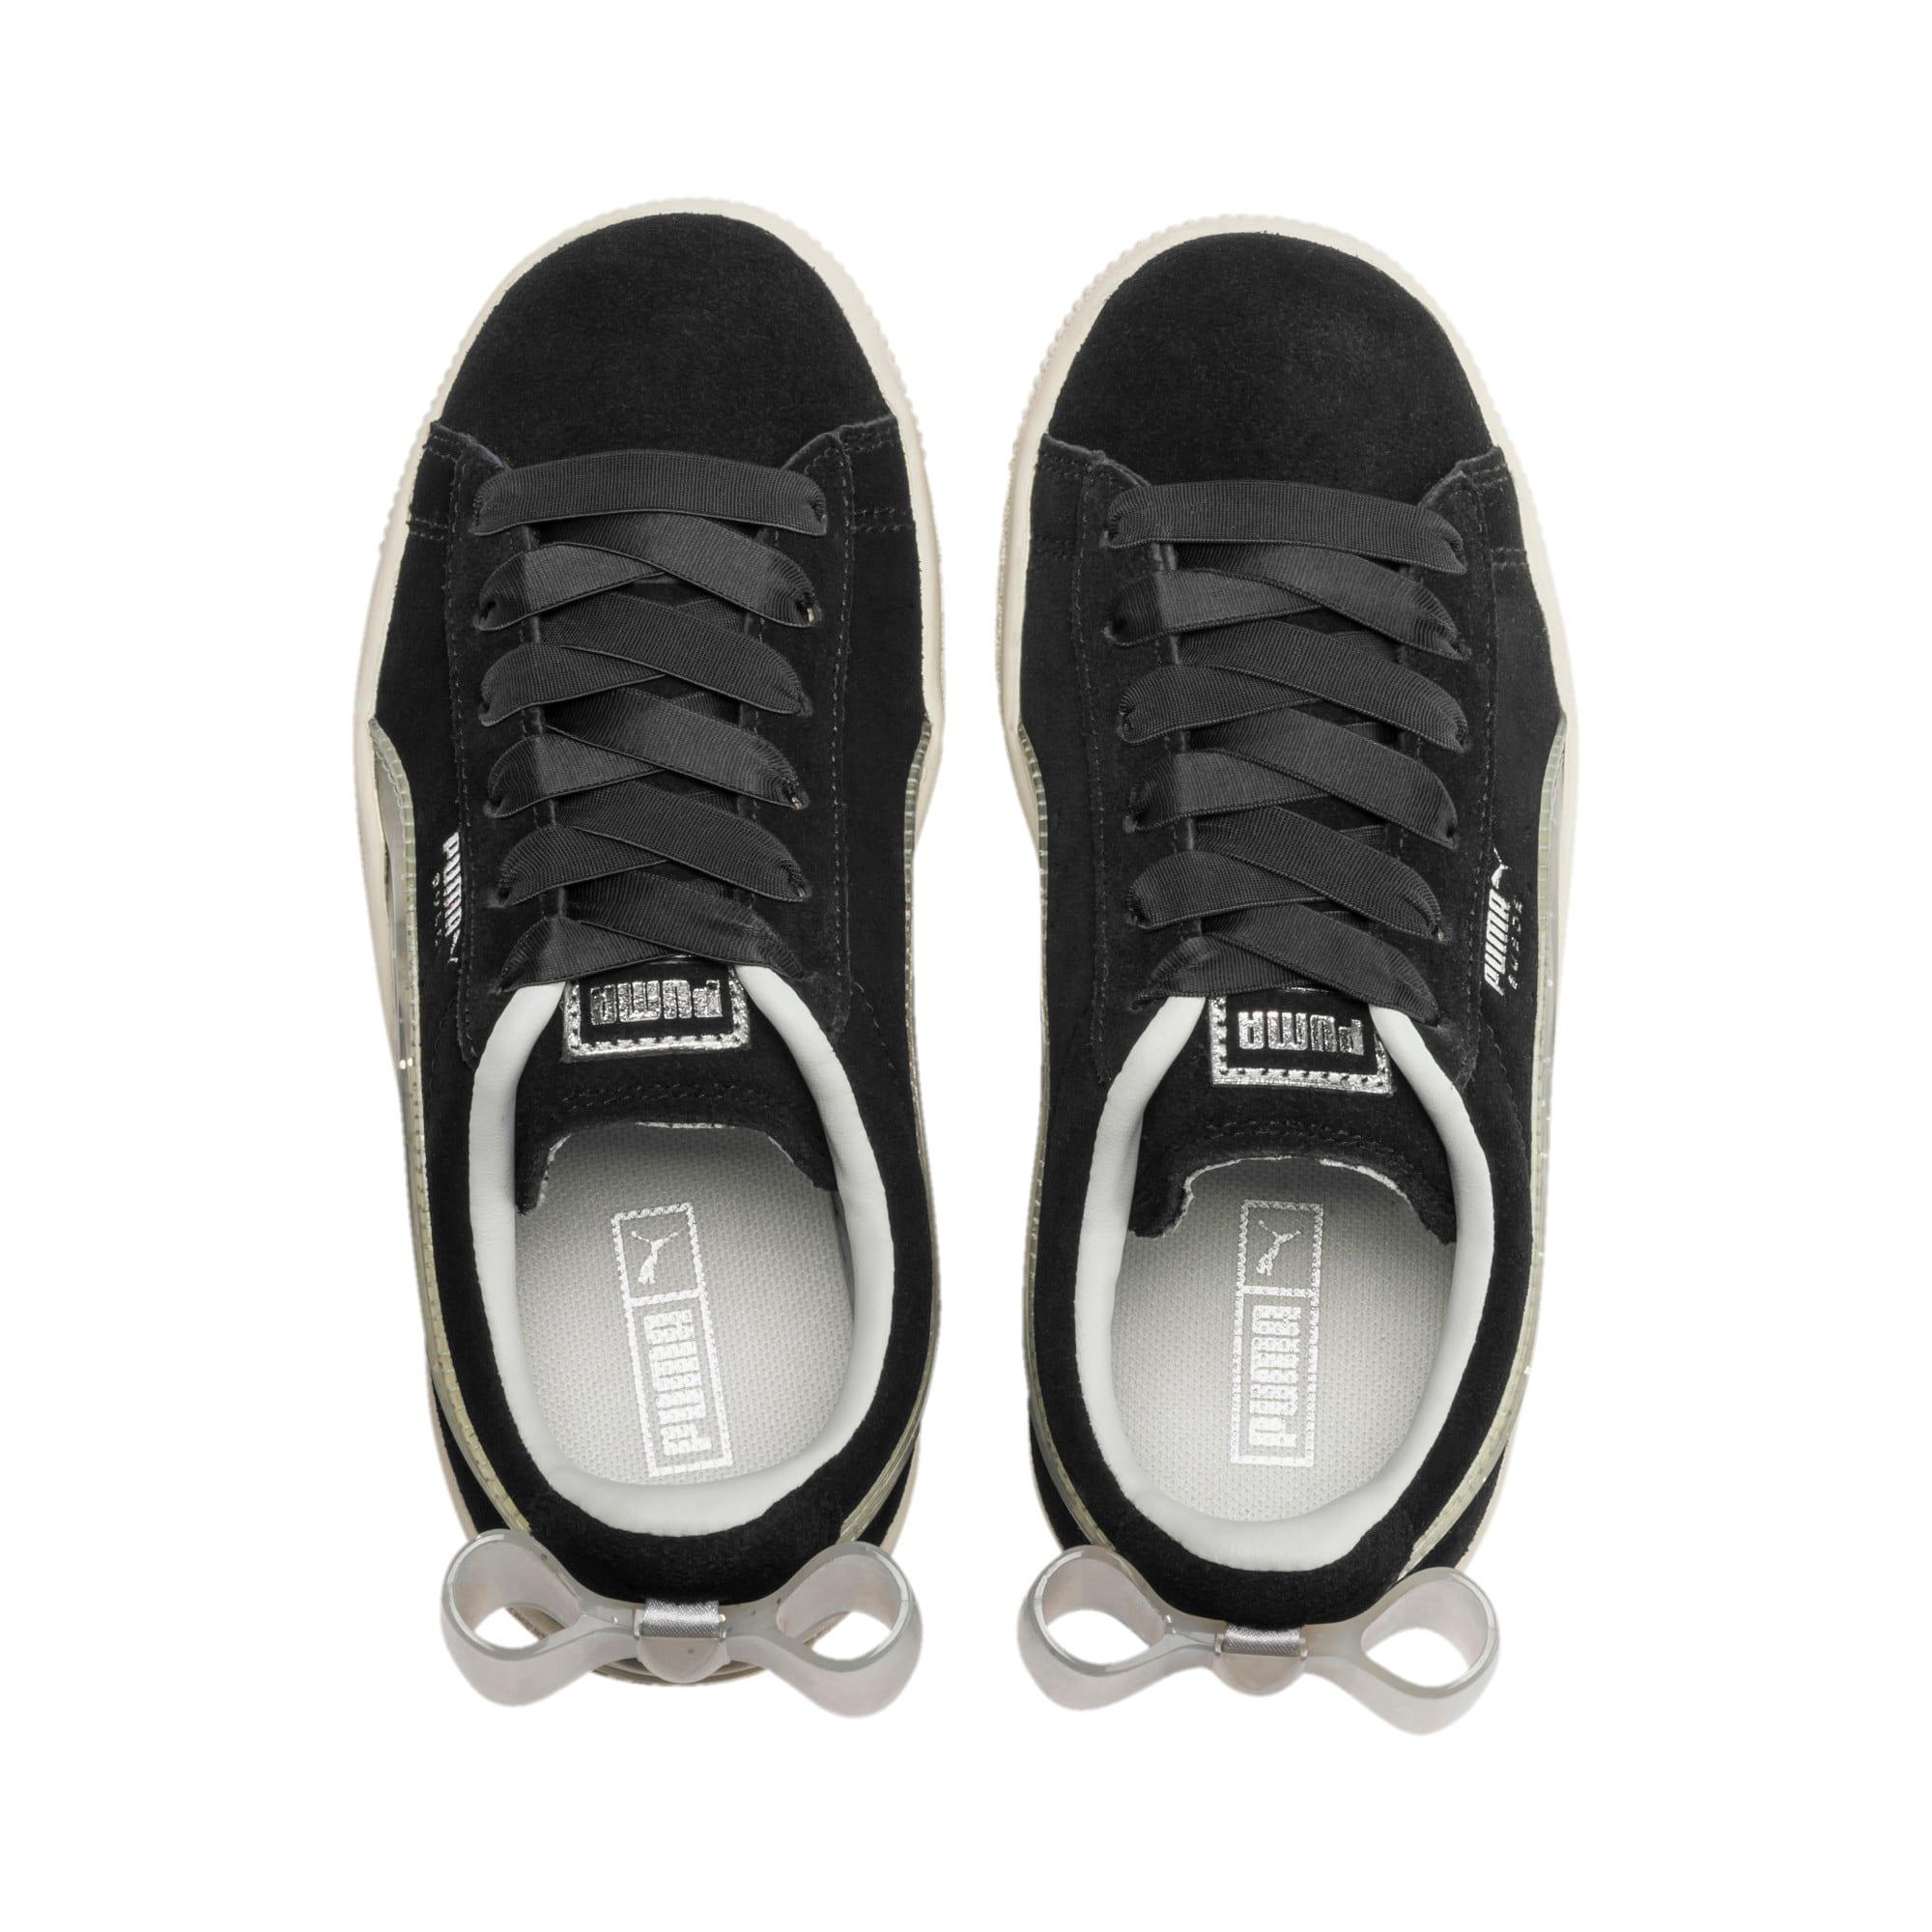 Miniatura 6 de Zapatos Suede Jelly Bow AC para niños, Puma Black-Glac Gray-Silver, mediano